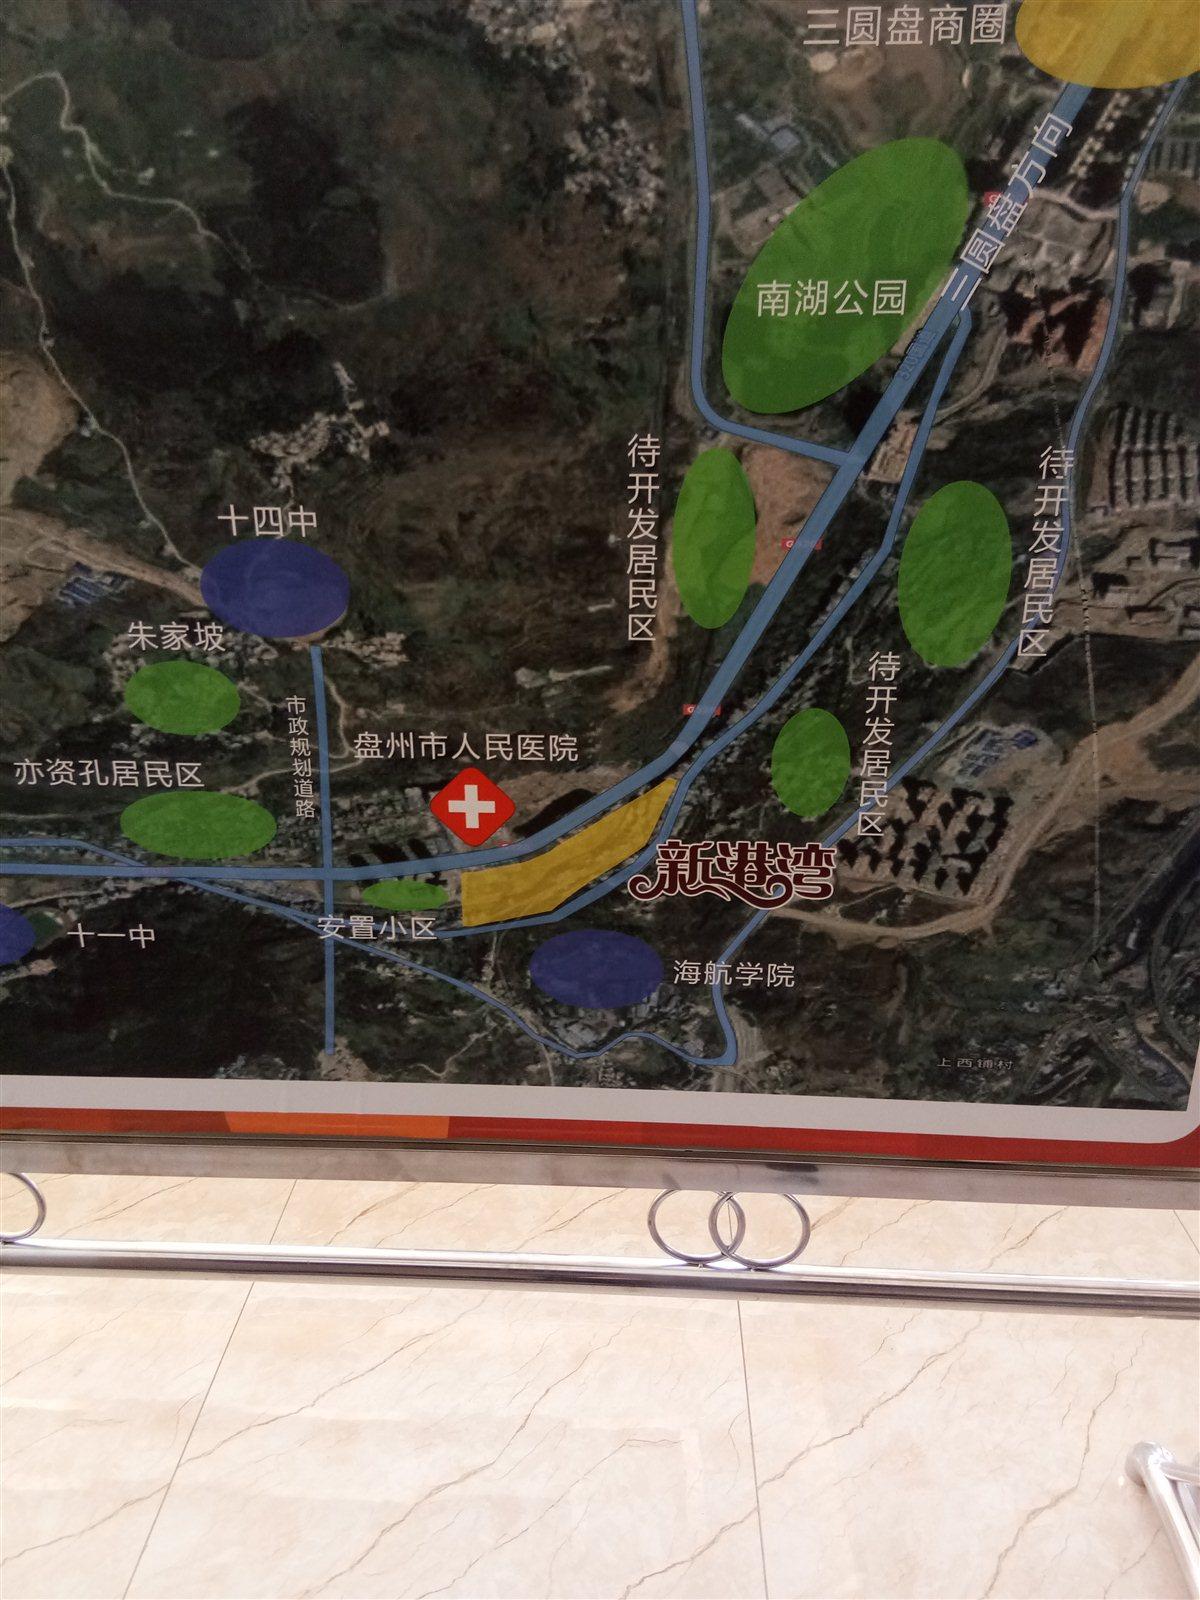 信江新港湾20万元